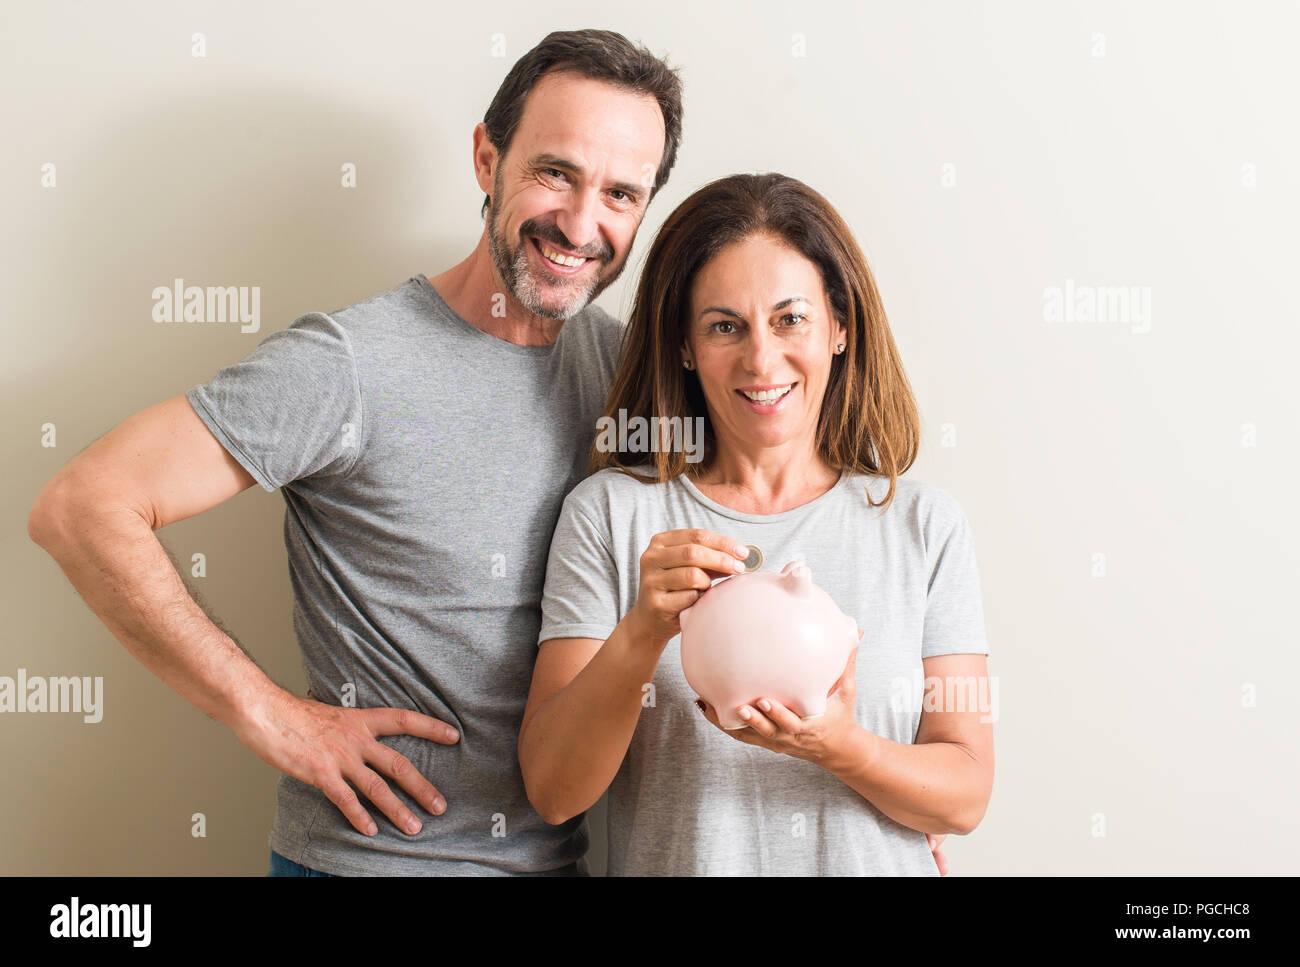 La mezza età matura, donna e uomo, tenendo salvadanaio con una faccia felice in piedi e sorridente con un sorriso sicuro che mostra i denti Immagini Stock